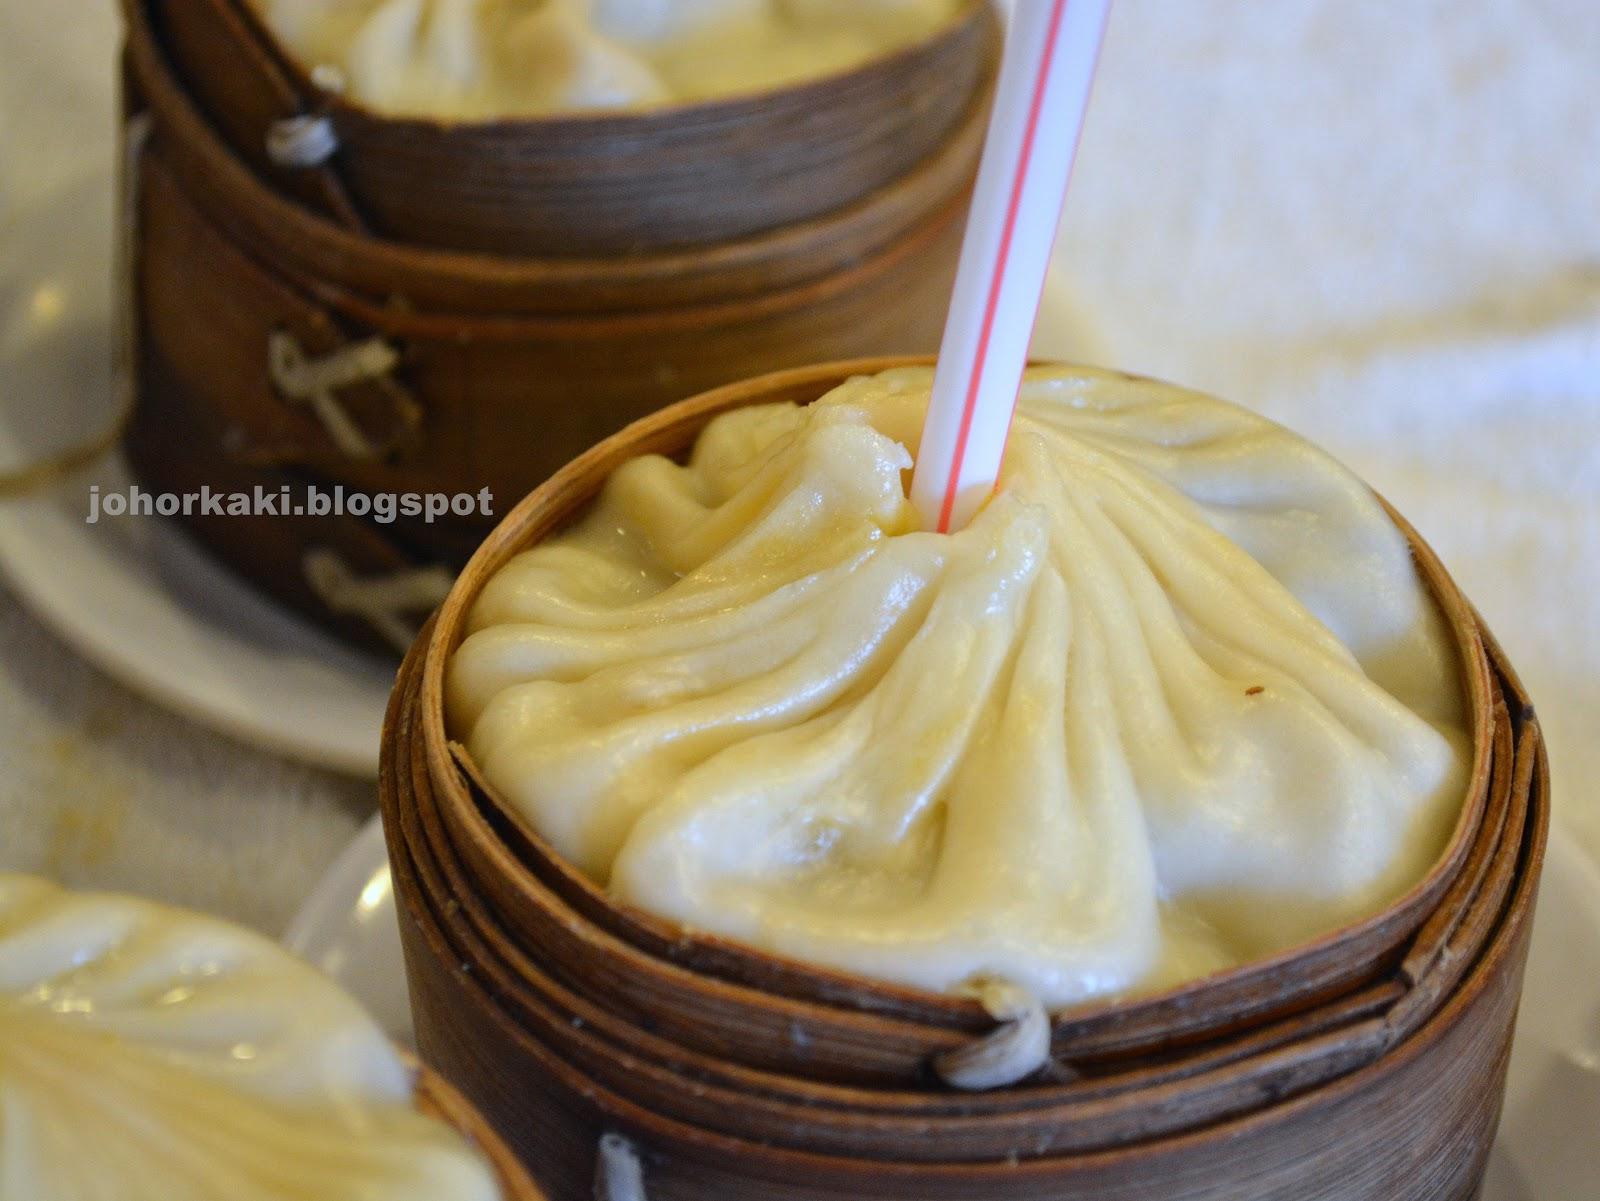 Shanghai Yuyuan Gardens Nanxiang Xiao Long Bao Dumplings ȱ«å›å—翔馒头店 Johor Kaki Travels For Food